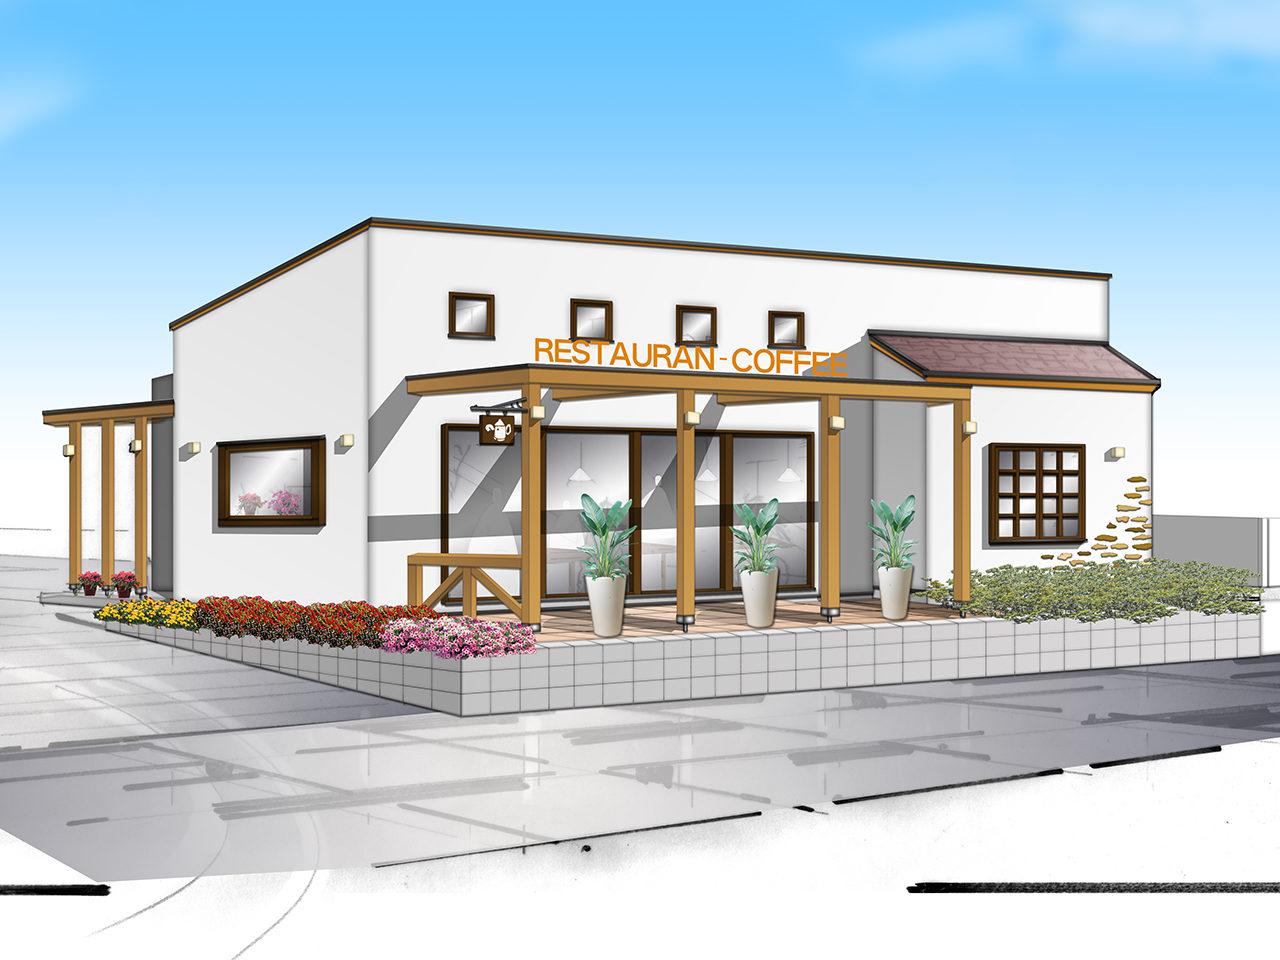 喫茶店・飲食店を市街化調整区域で設計・店舗デザイン